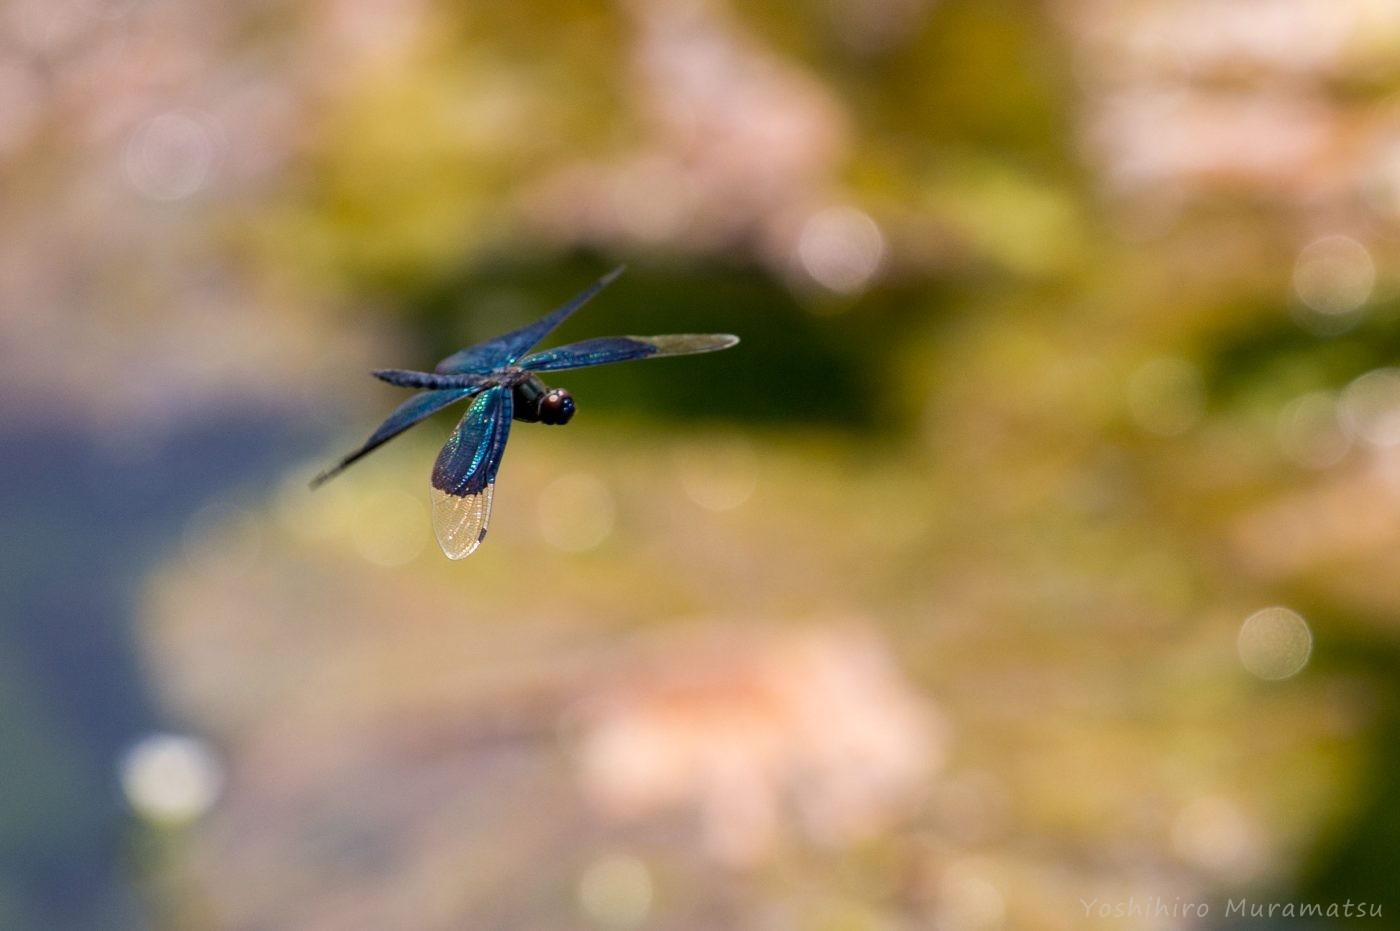 チョウトンボの飛翔写真